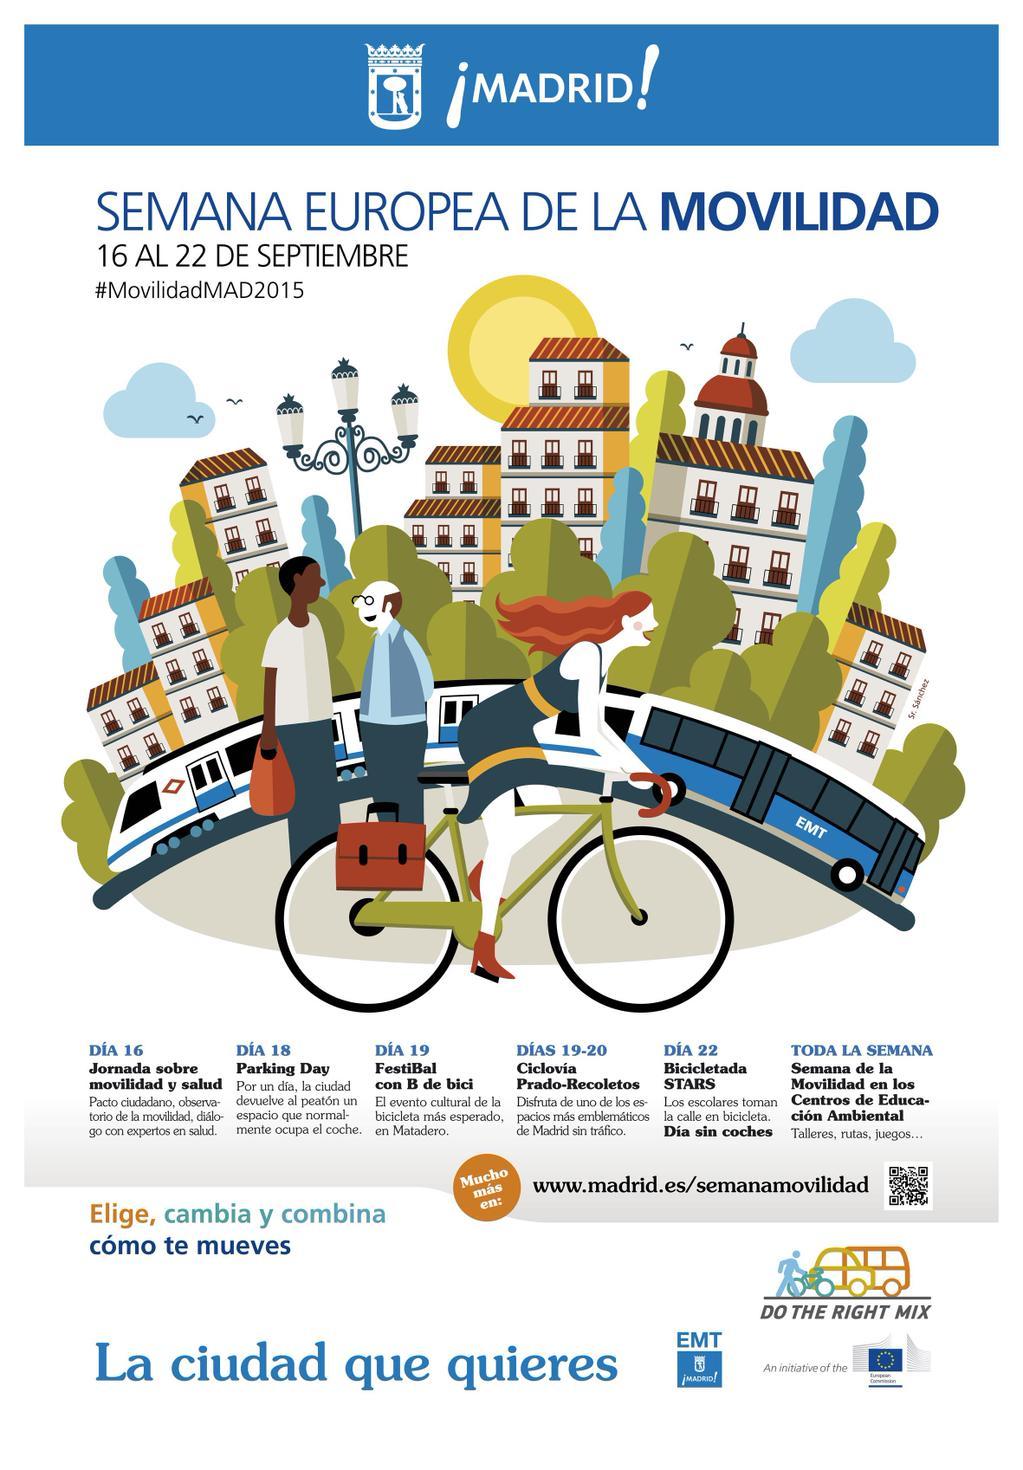 cartel semana de la movilidad 2015 Madrid